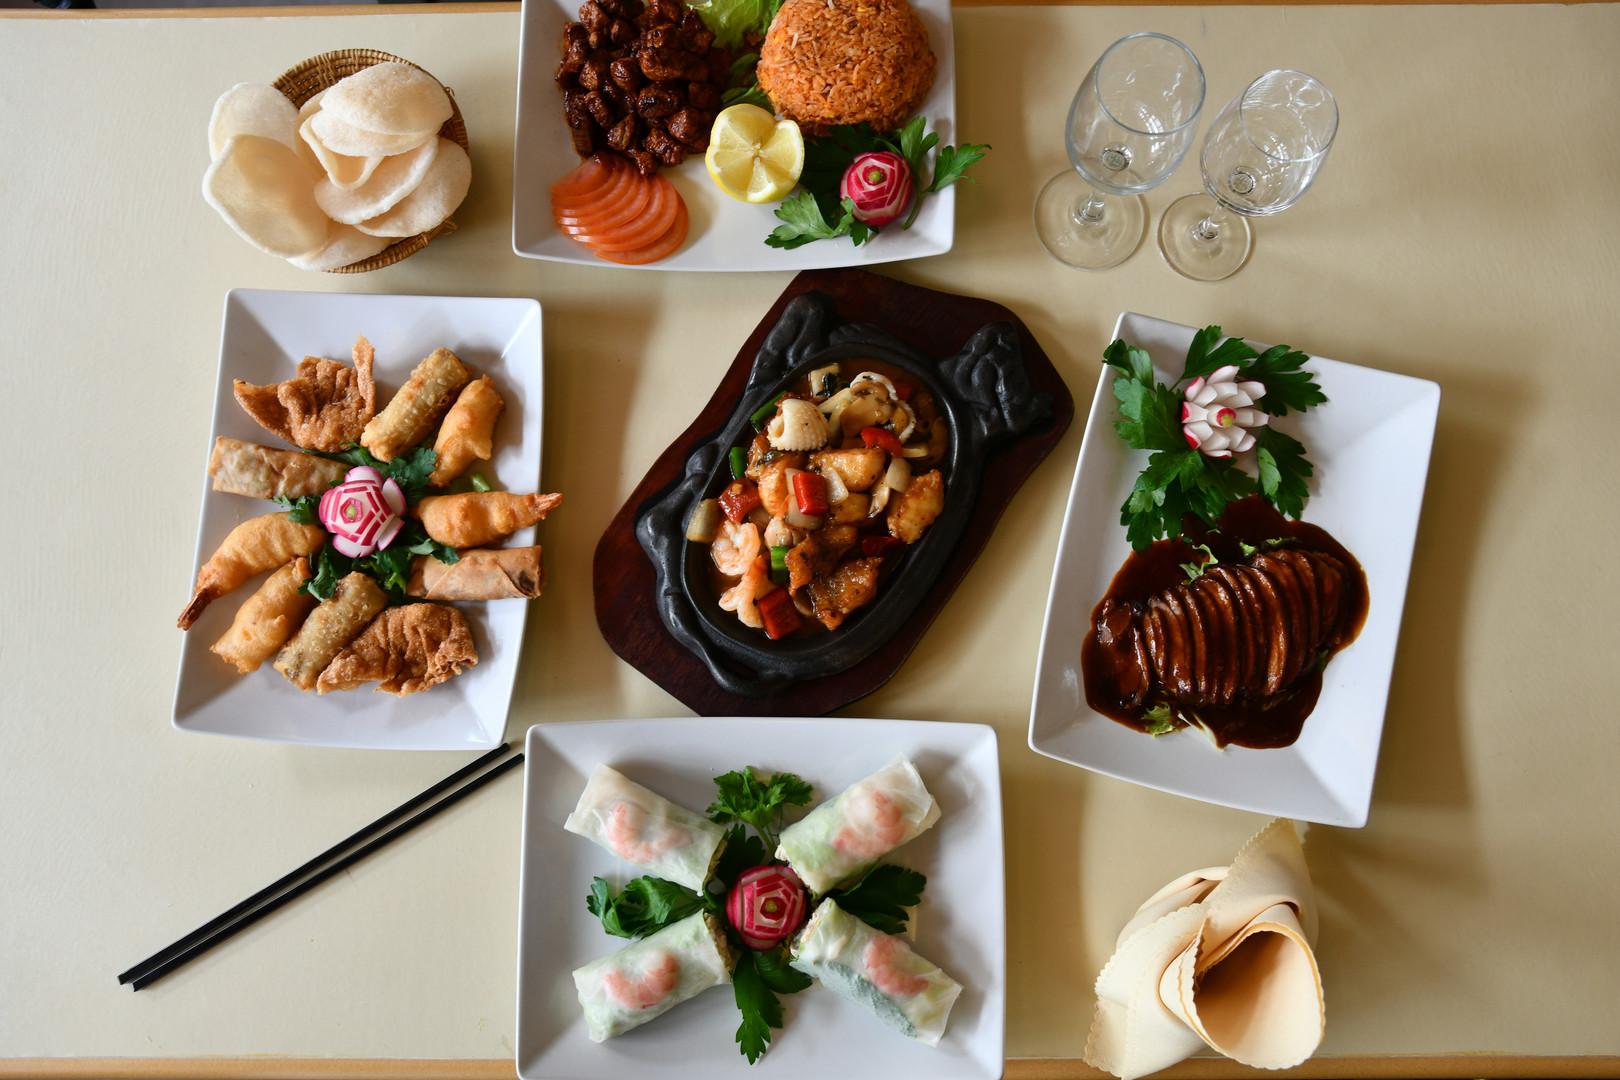 plats chinois déjeuner diner canard laqué rouleaux printemps boeuf loklak